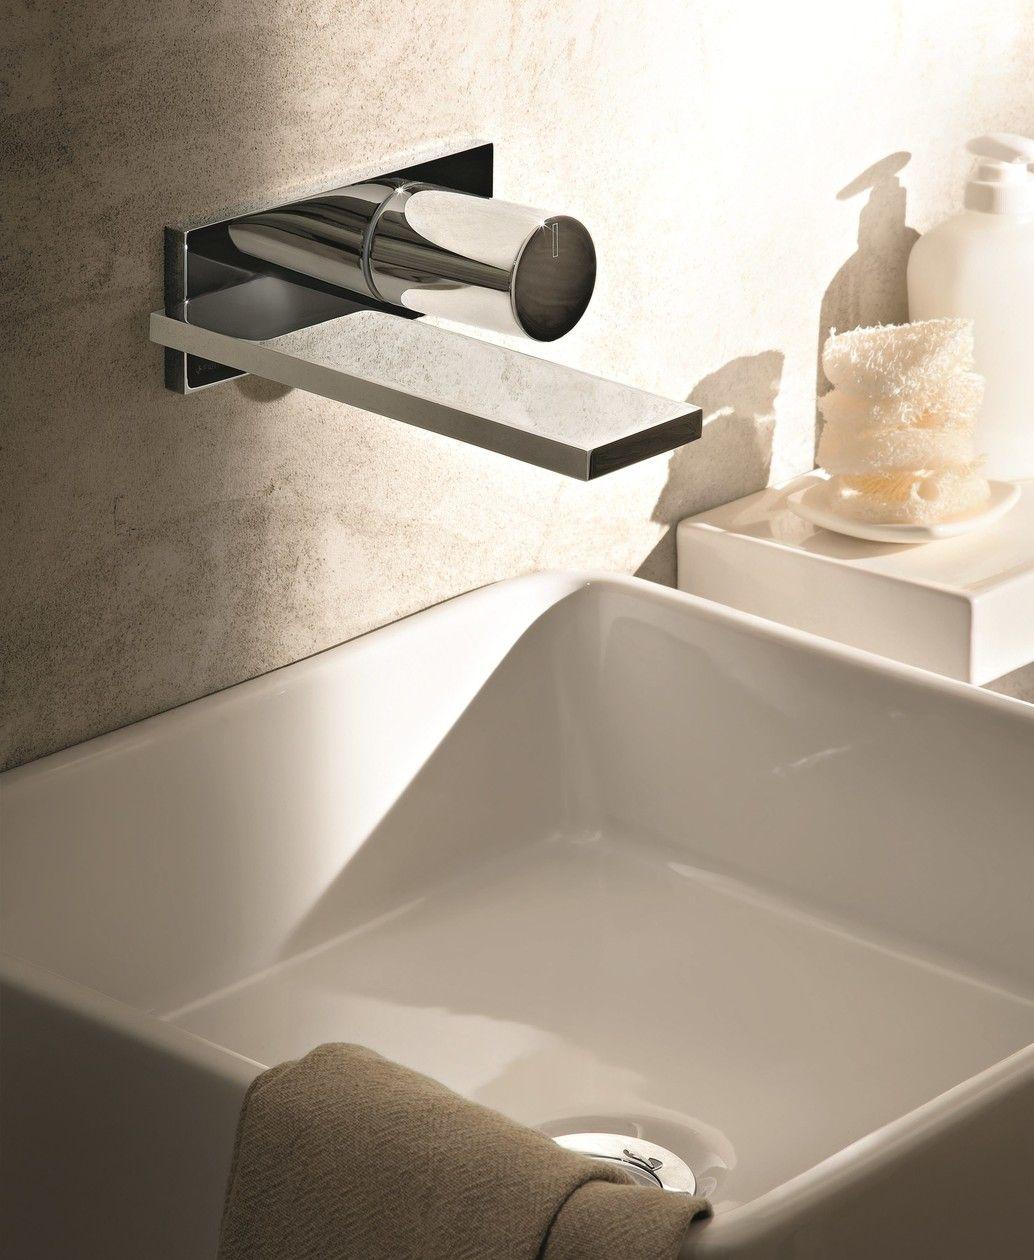 Mitigeur lavabo mural avec plaque MILANO D113A E513B by Fantini